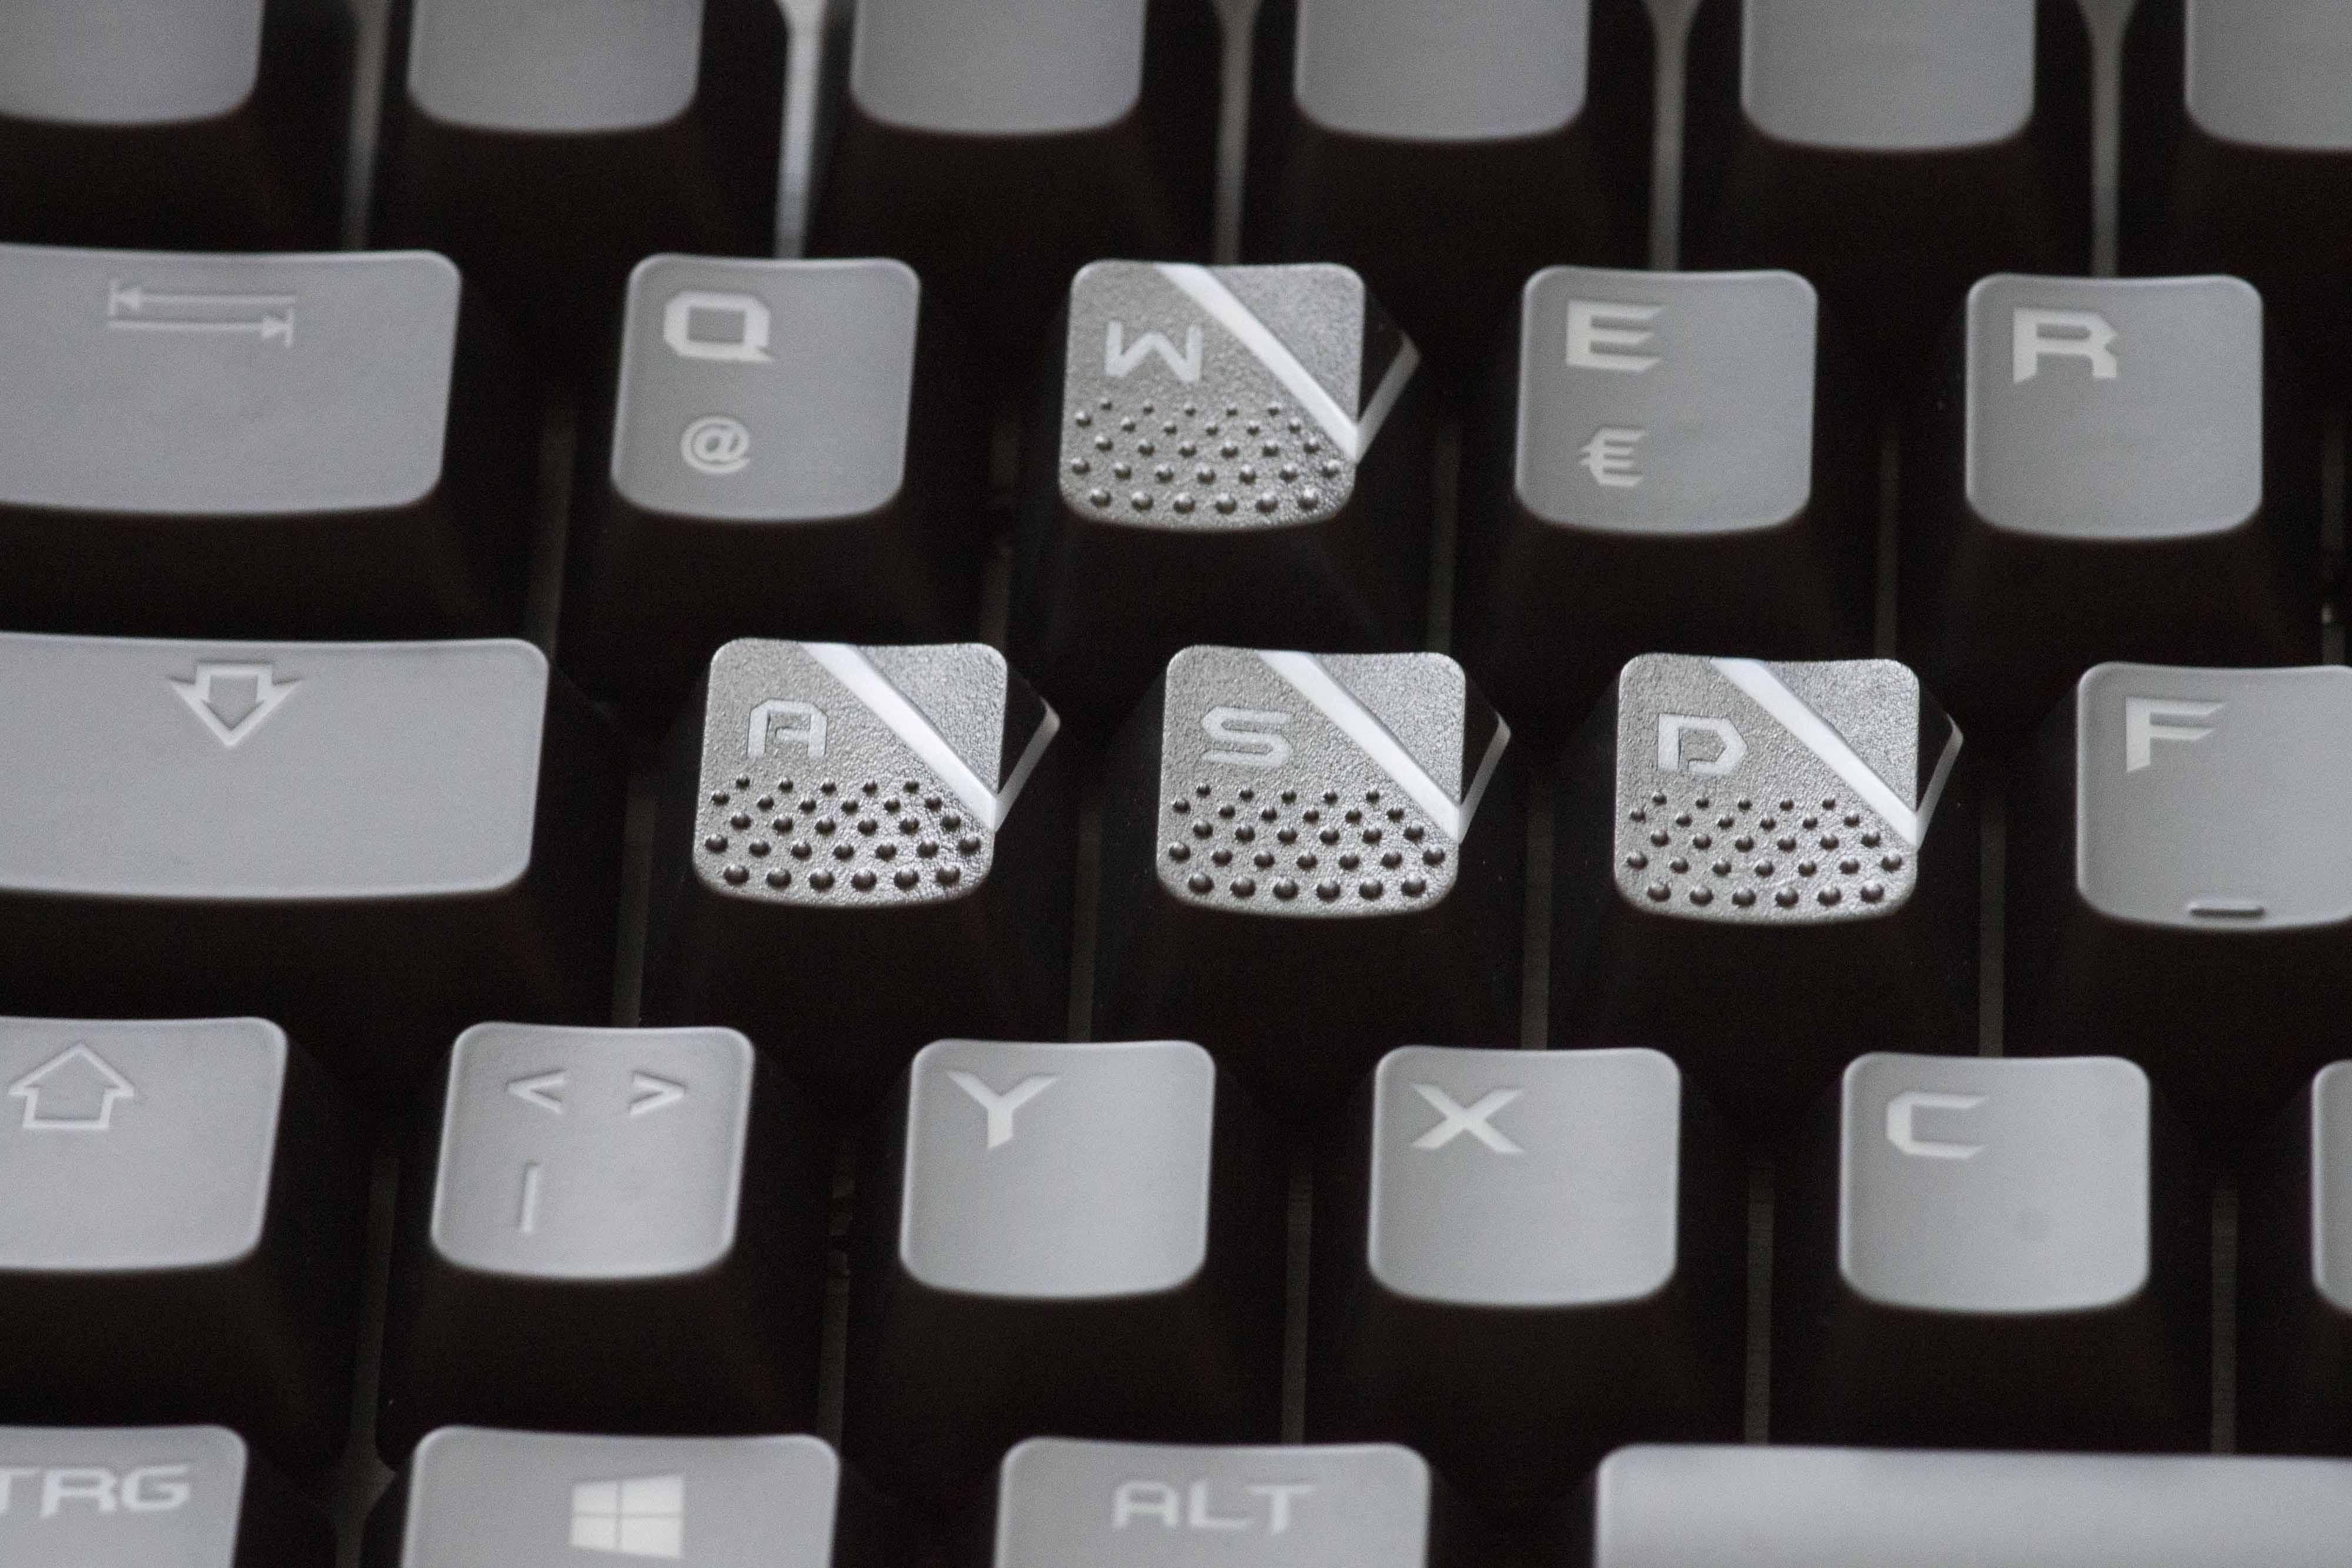 Key_WASD.jpg